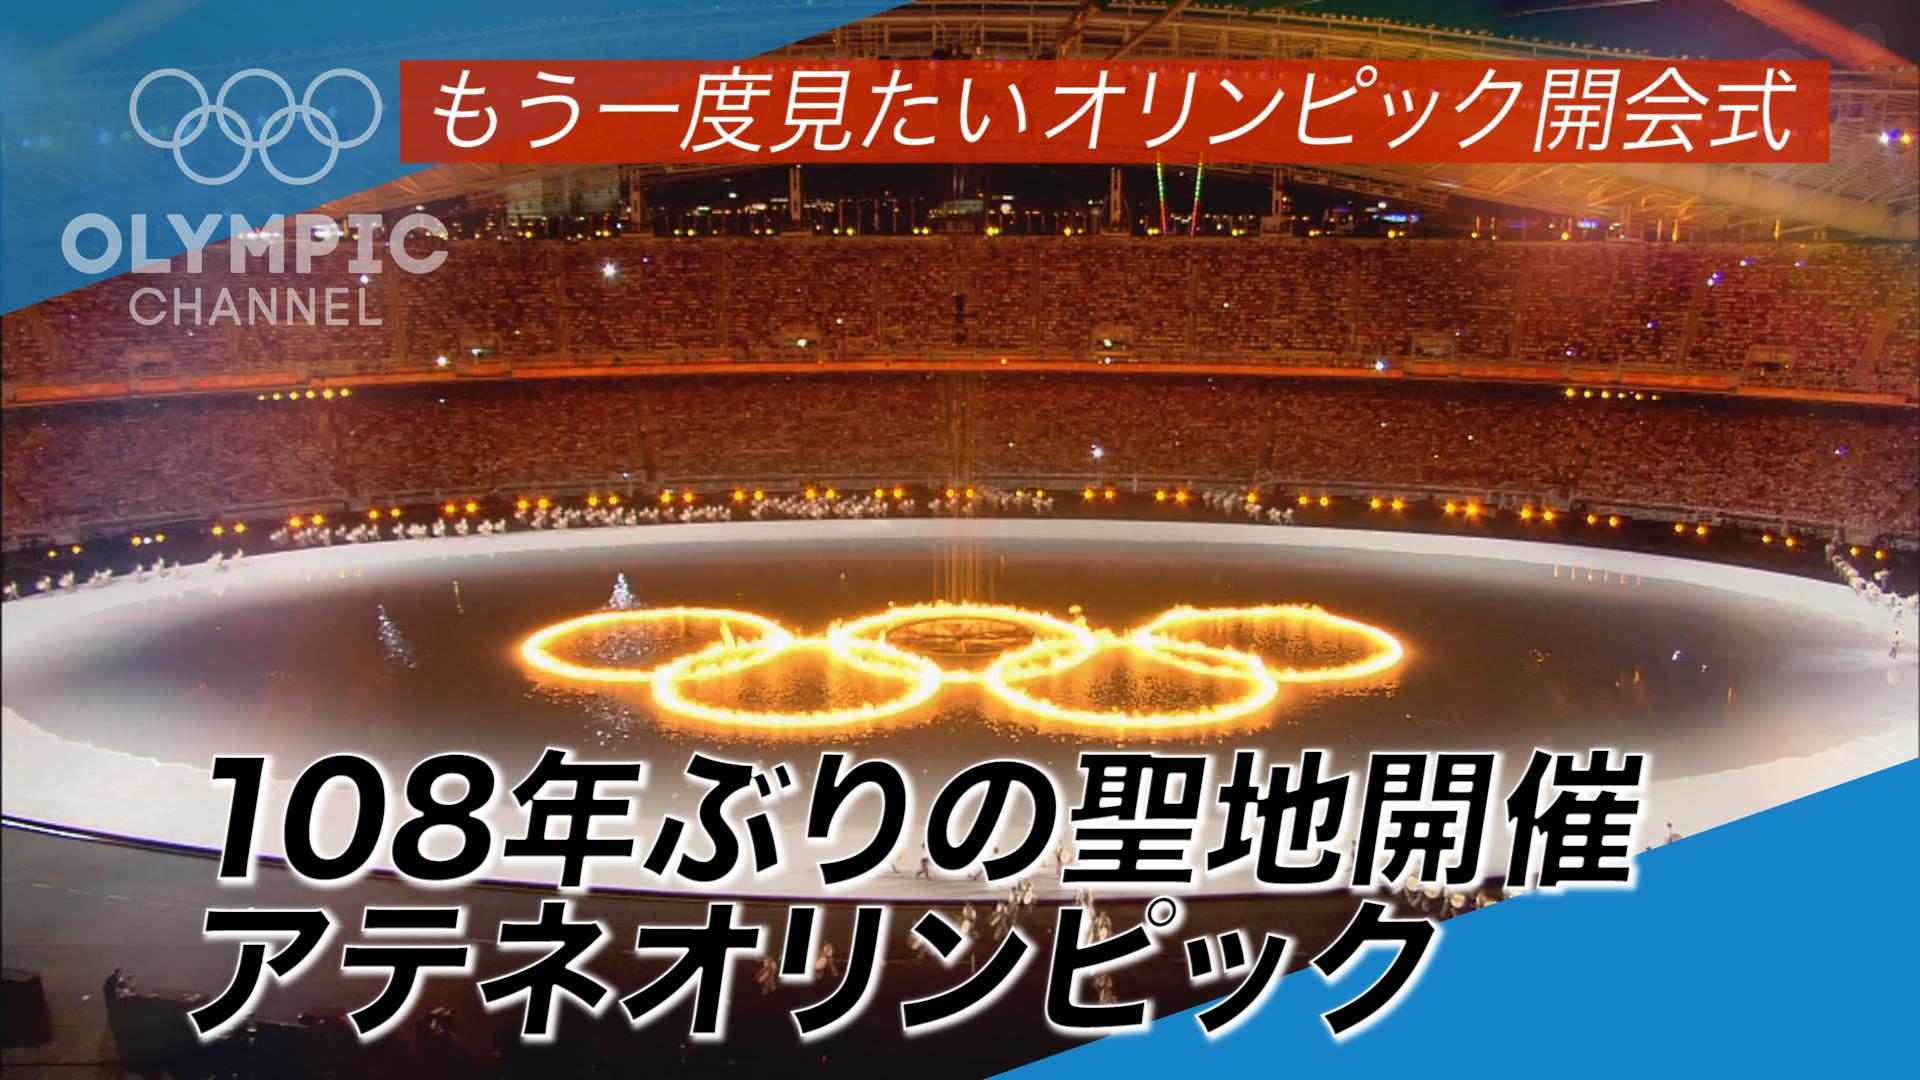 もう一度見たいオリンピック開会式 108年ぶりの聖地開催 アテネオリンピック